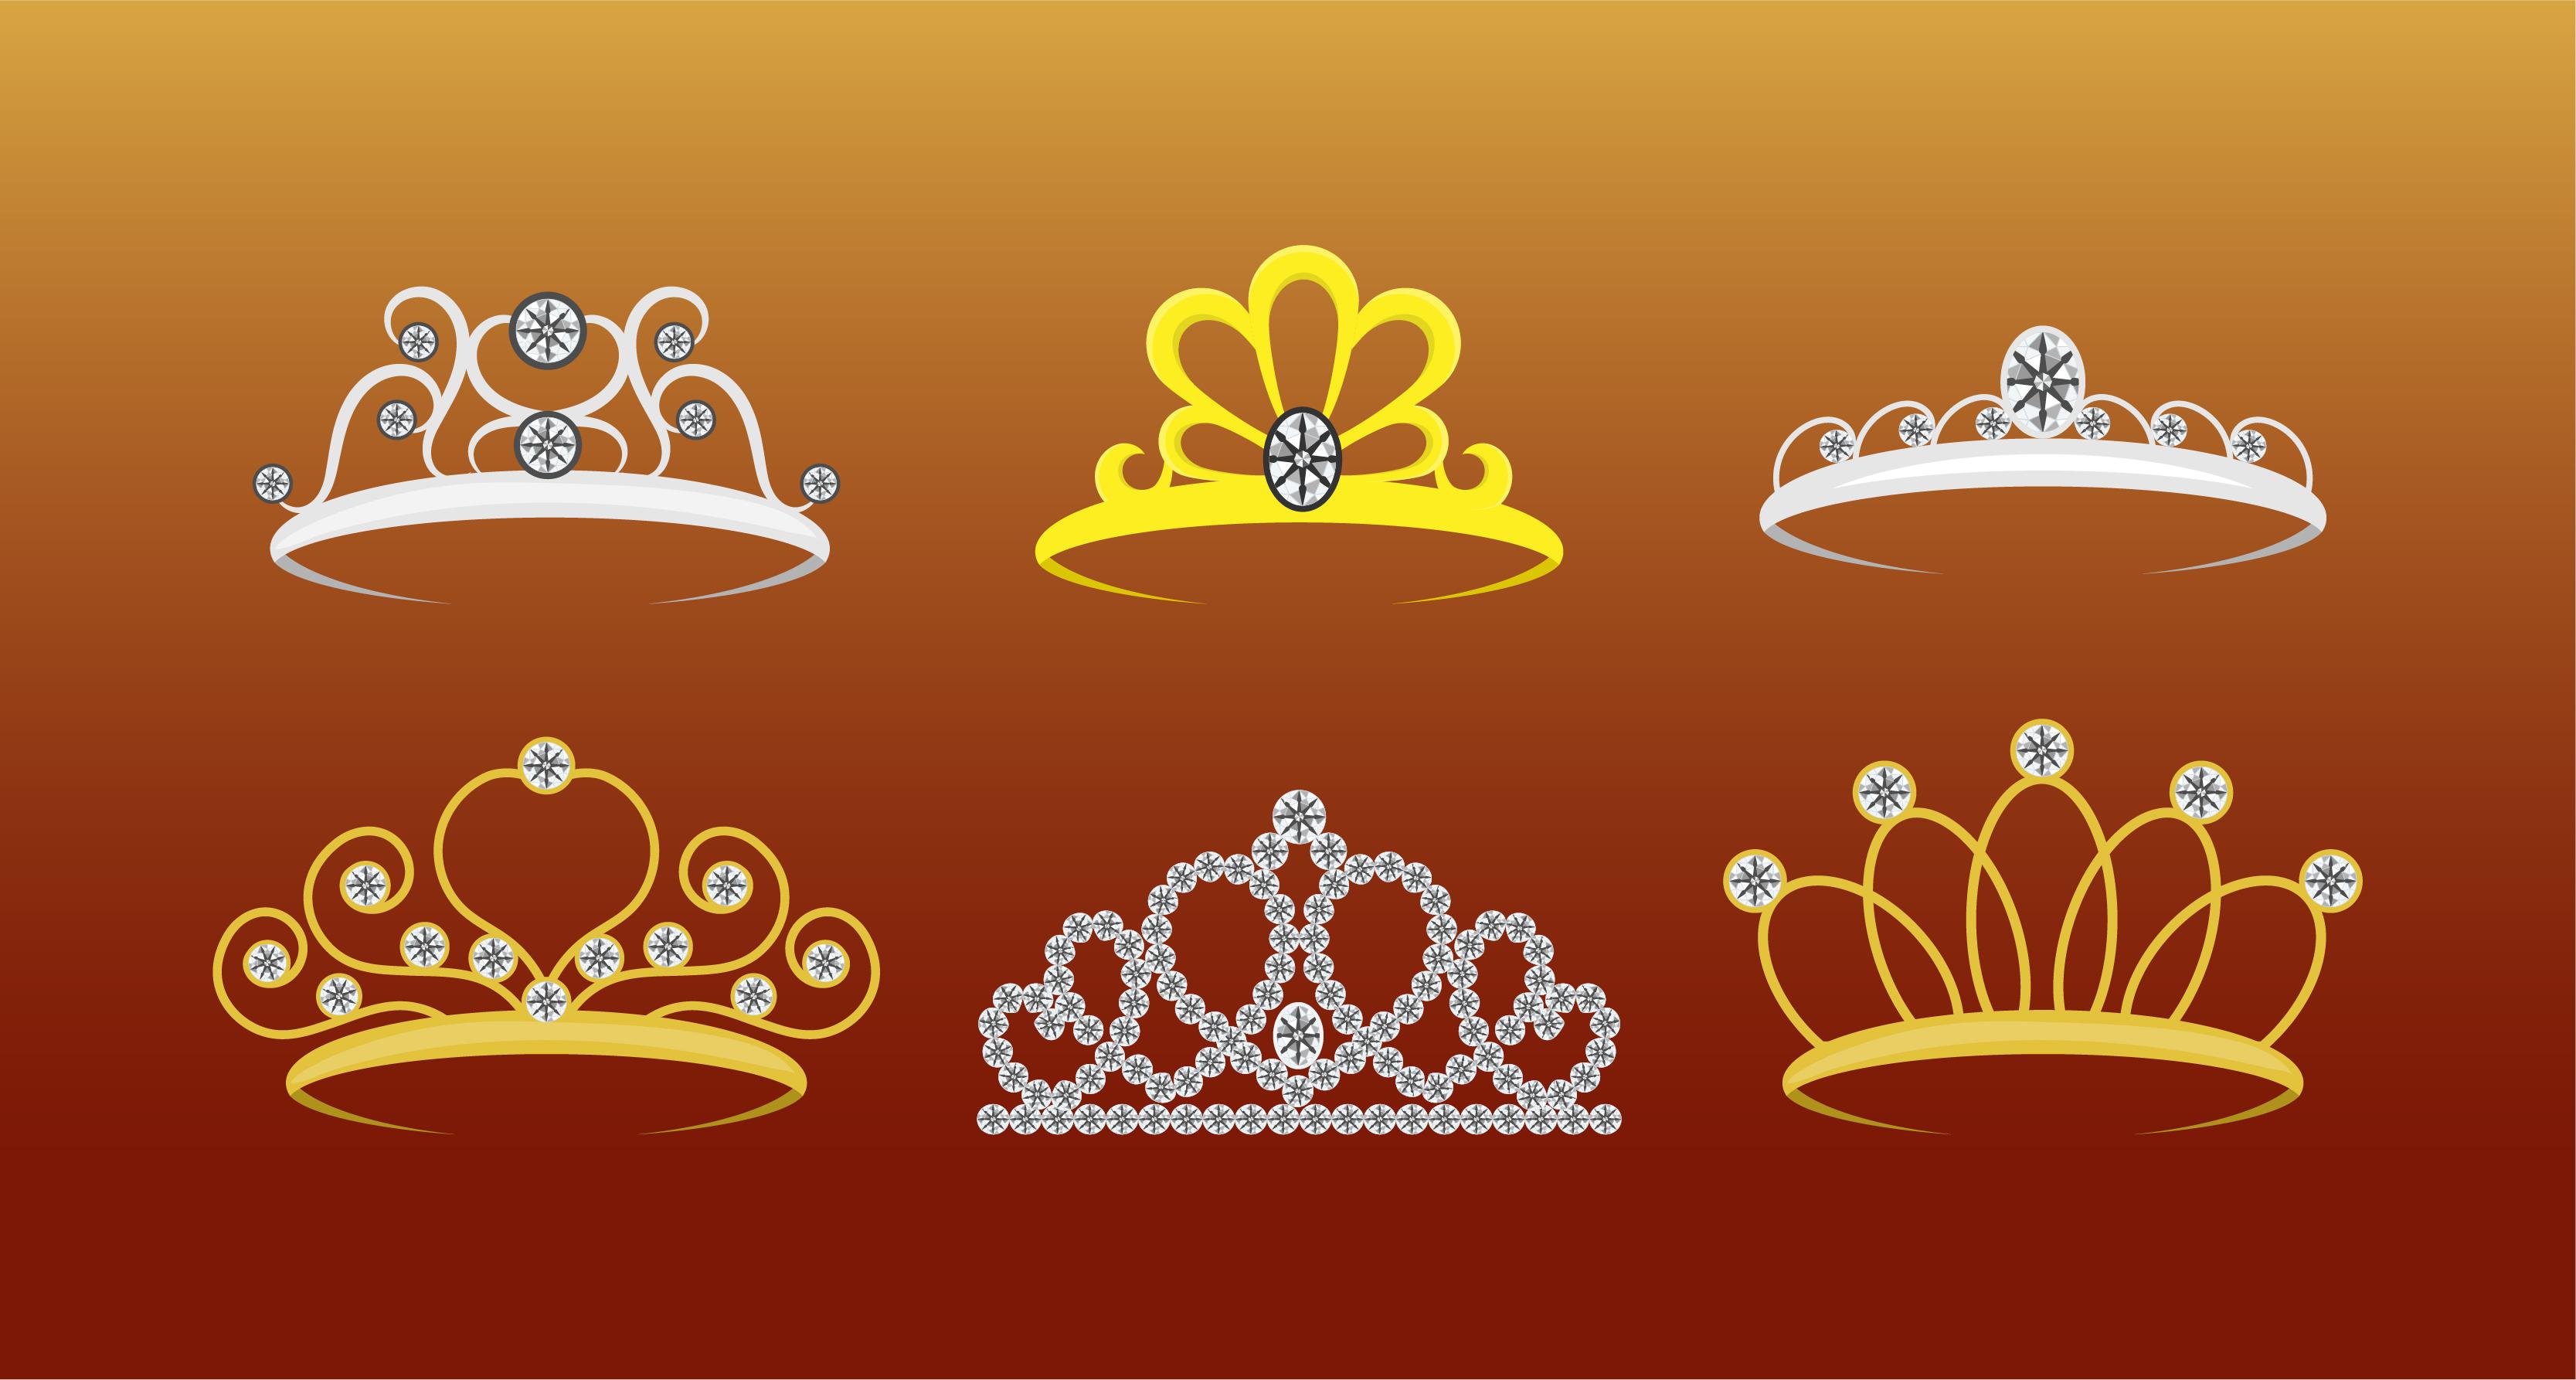 Queen Crown Vectors Download